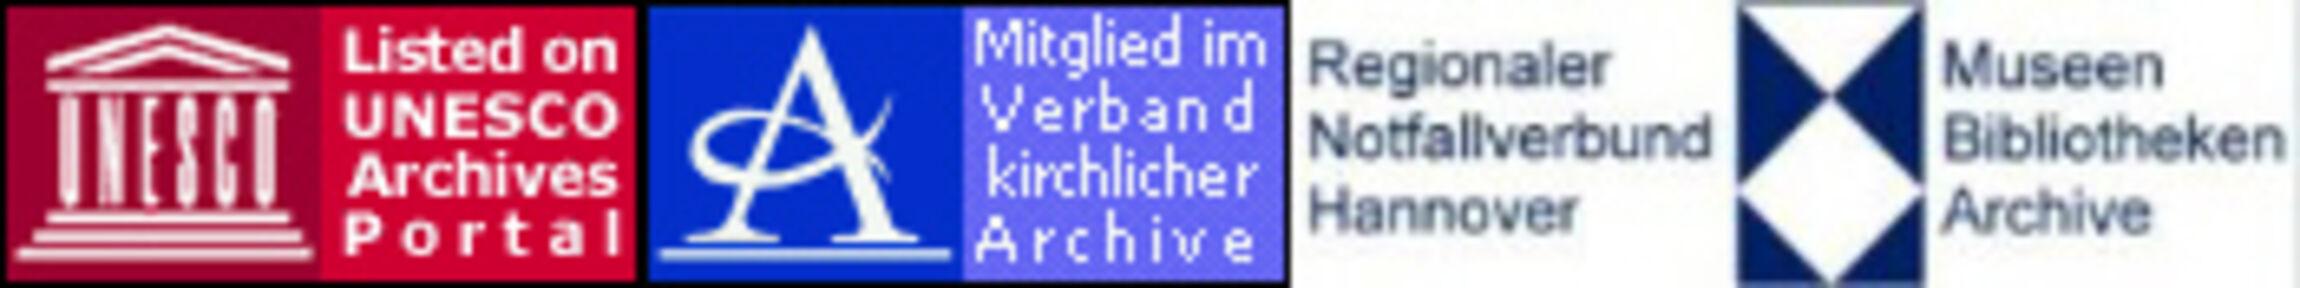 logoband1